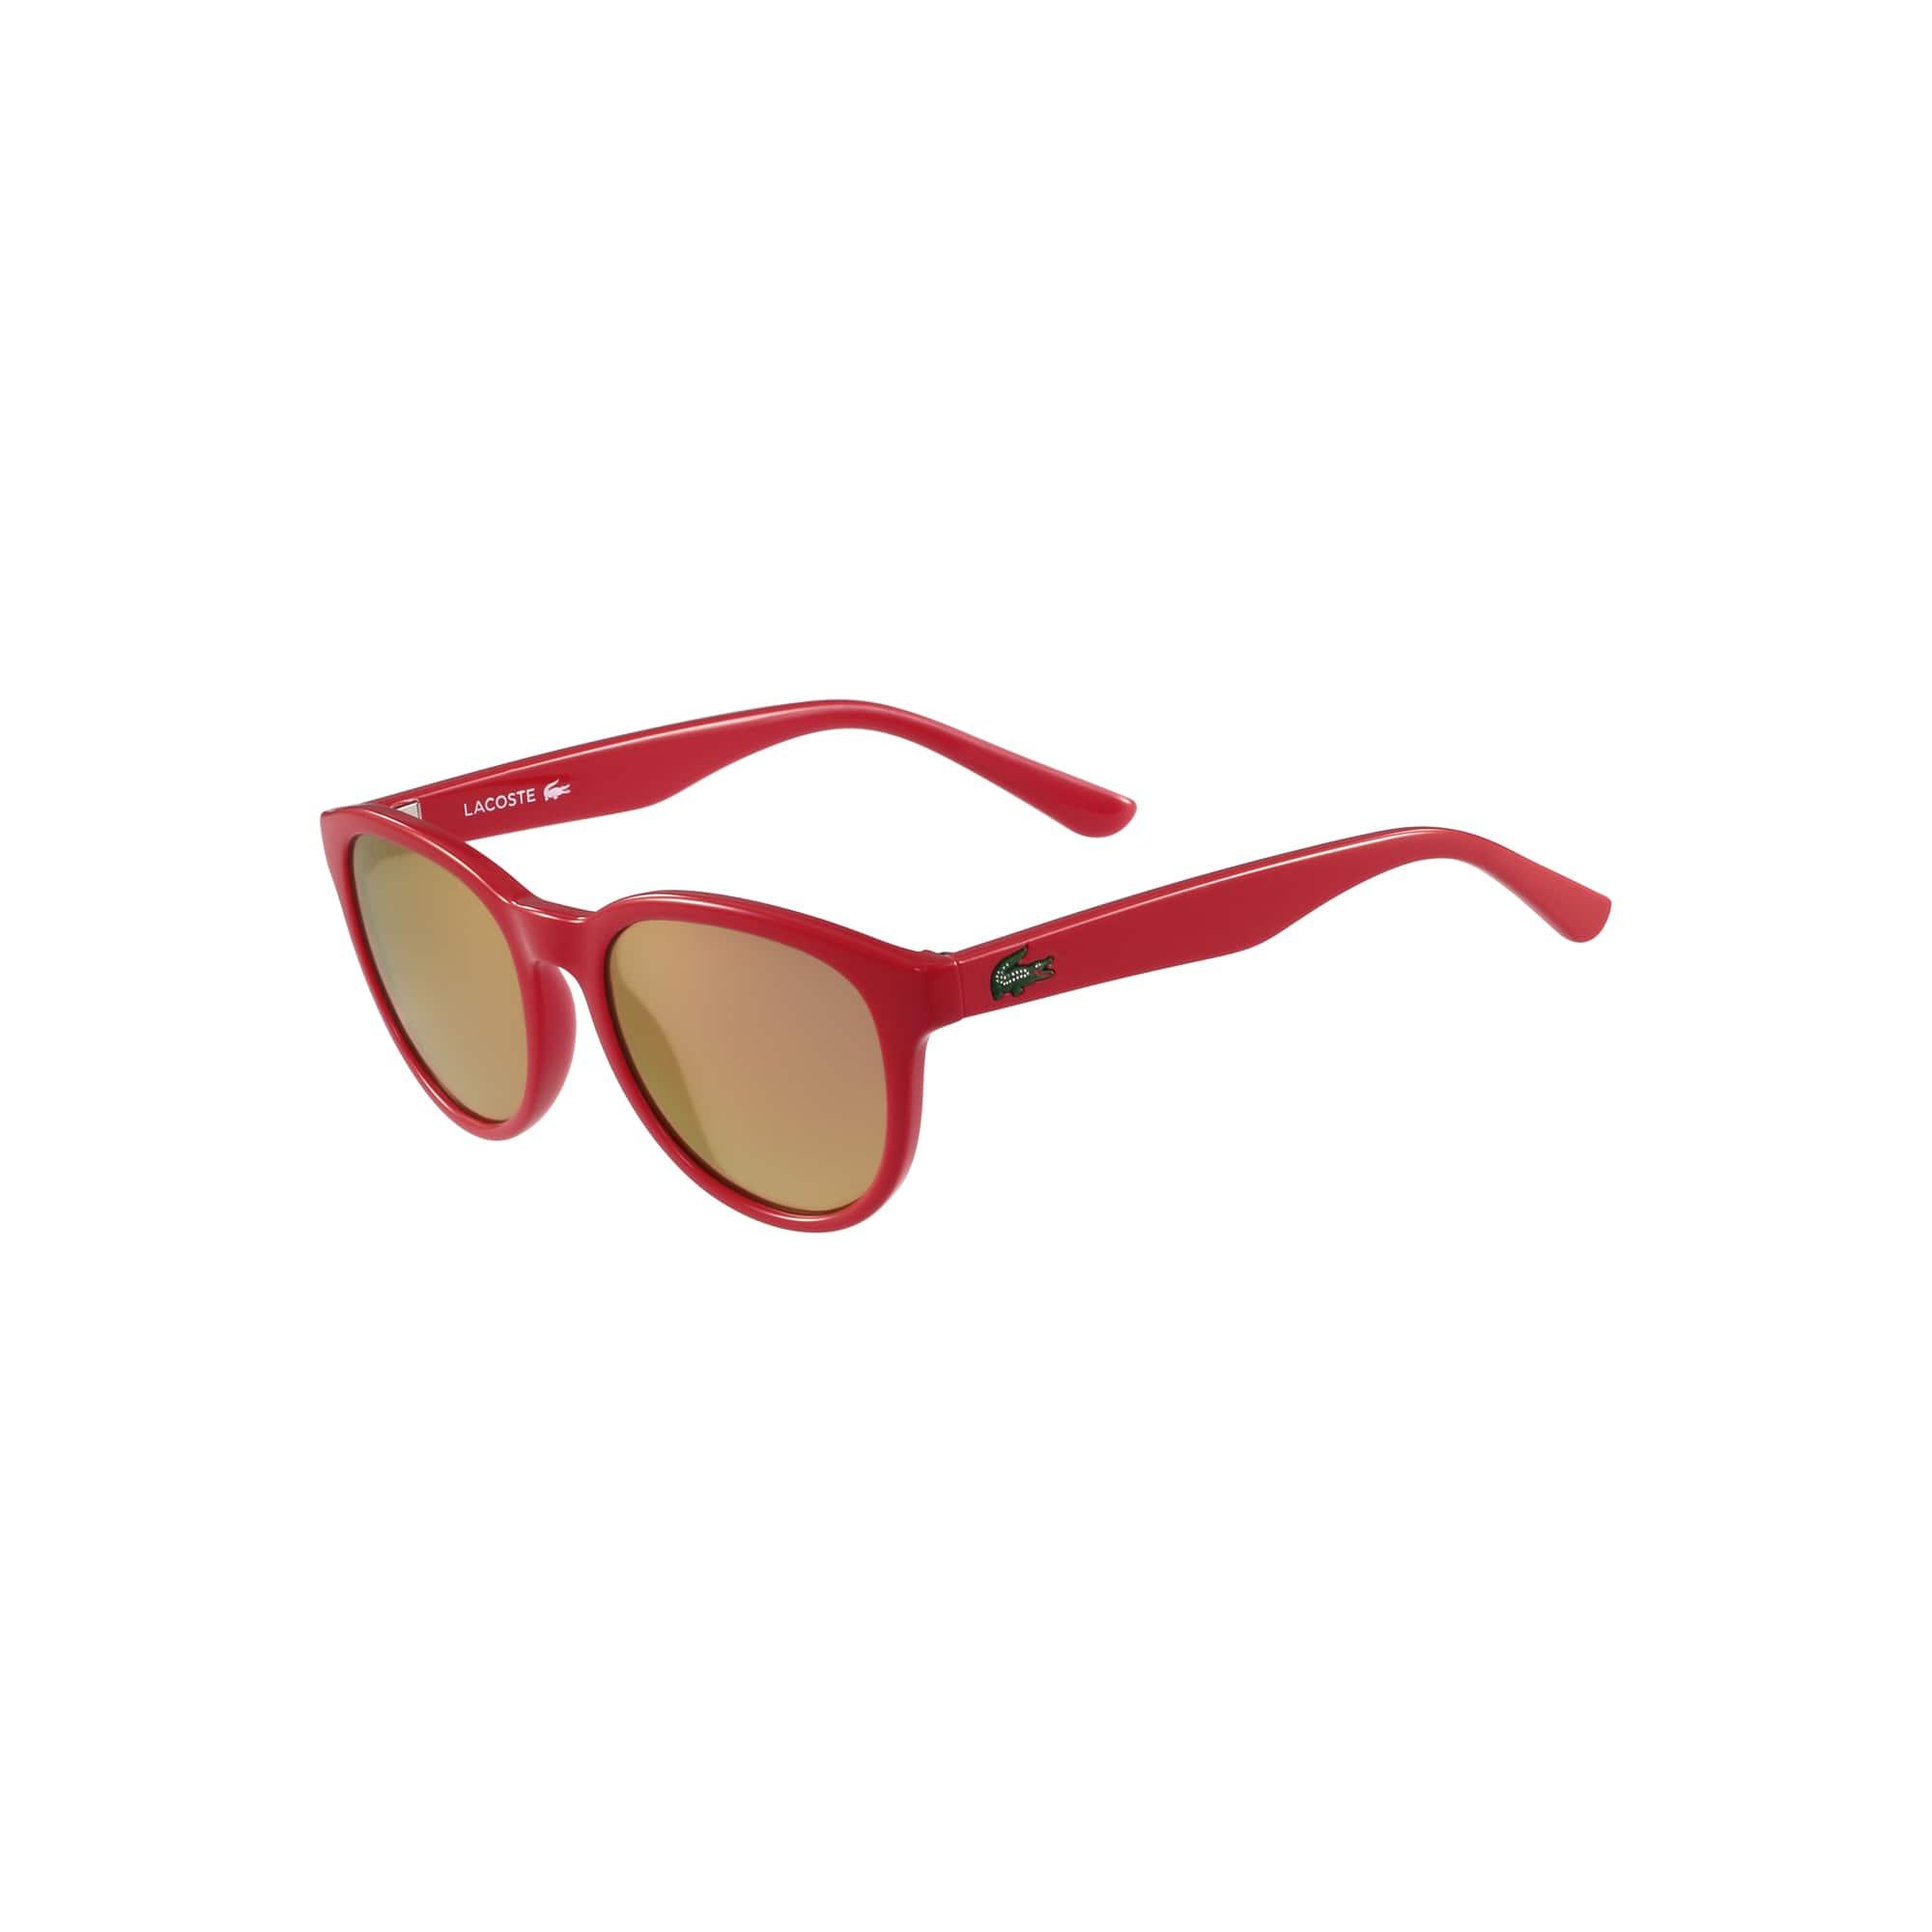 Men's L.12.12 T(w)eens Sunglasses